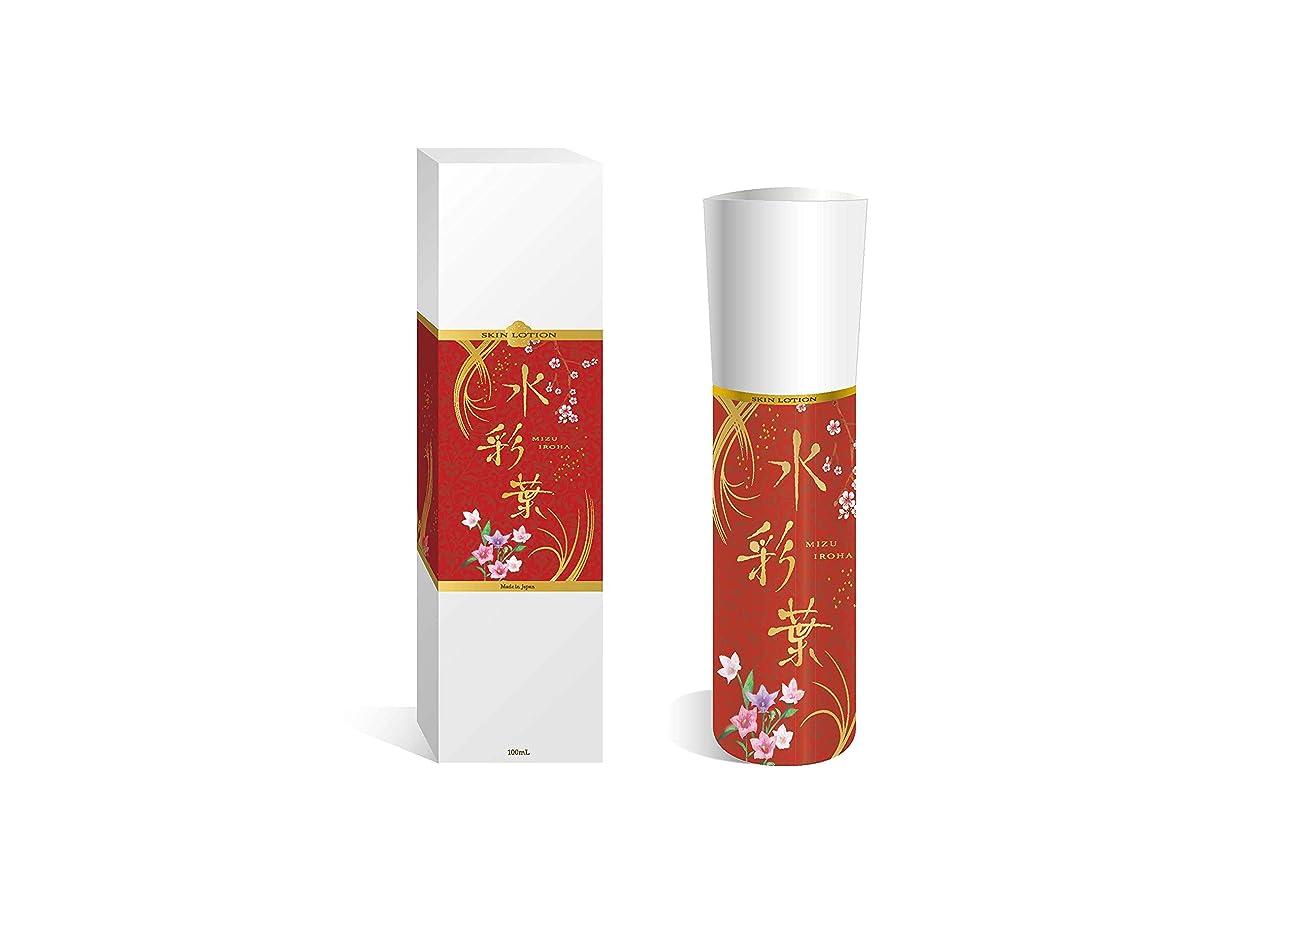 弓教ゆでる水彩葉 化粧水 (ボトル色:赤) 【 高保湿 防腐剤フリー トレハロース ヒアルロン酸 】